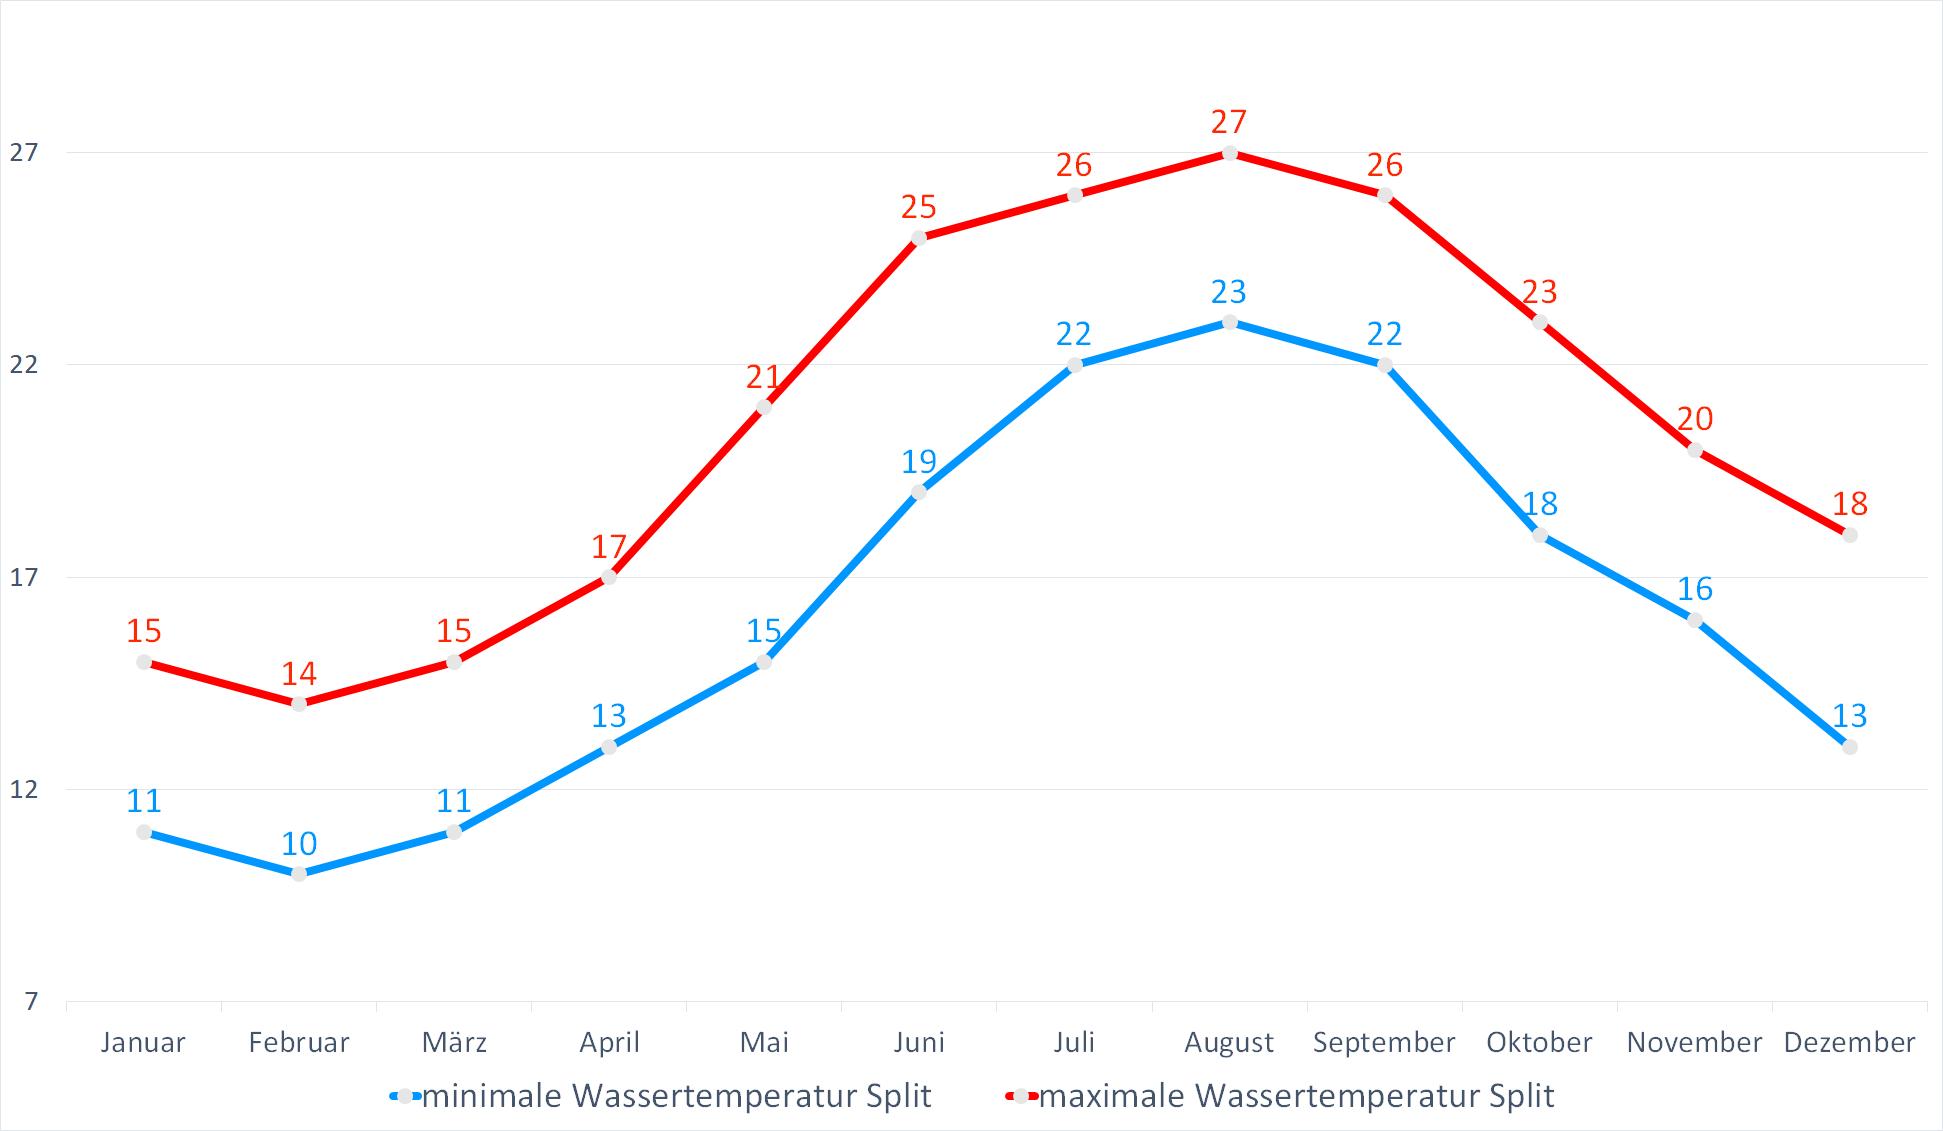 Minimale & Maximale Wassertemperaturen für Split im Jahresverlauf